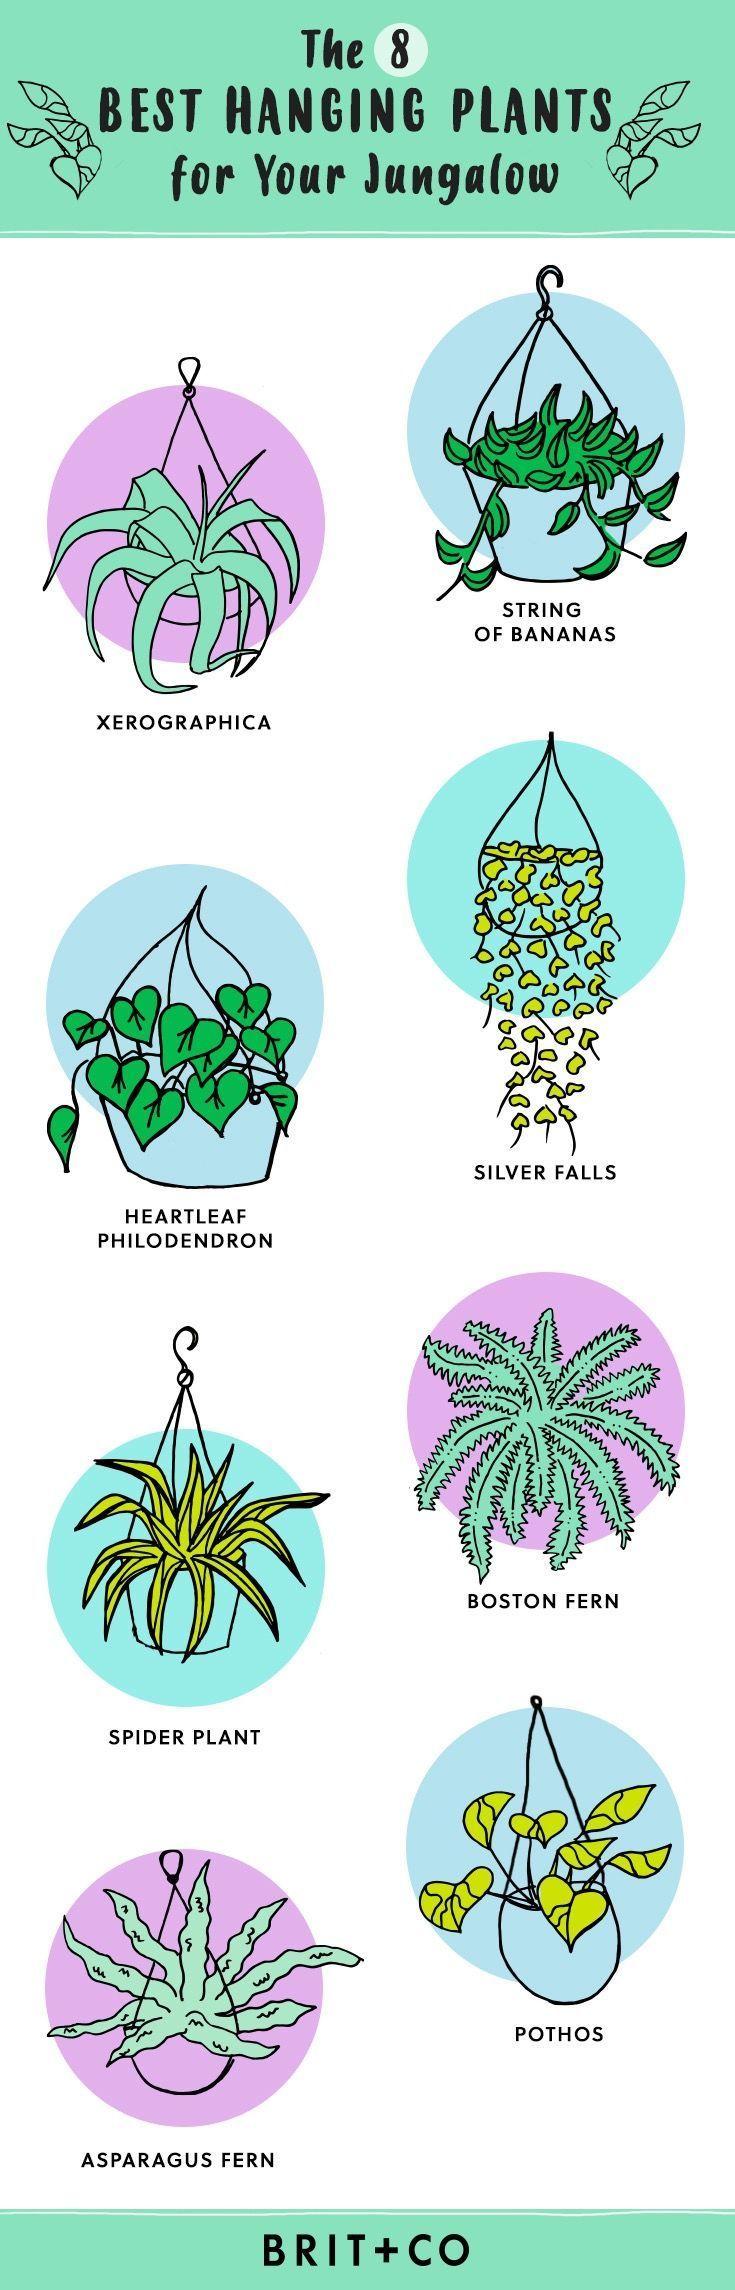 Dieser Leitfaden für hängende Zimmerpflanzen hilft Ihnen bei der Auswahl des besten Grüns für Ihren Raum